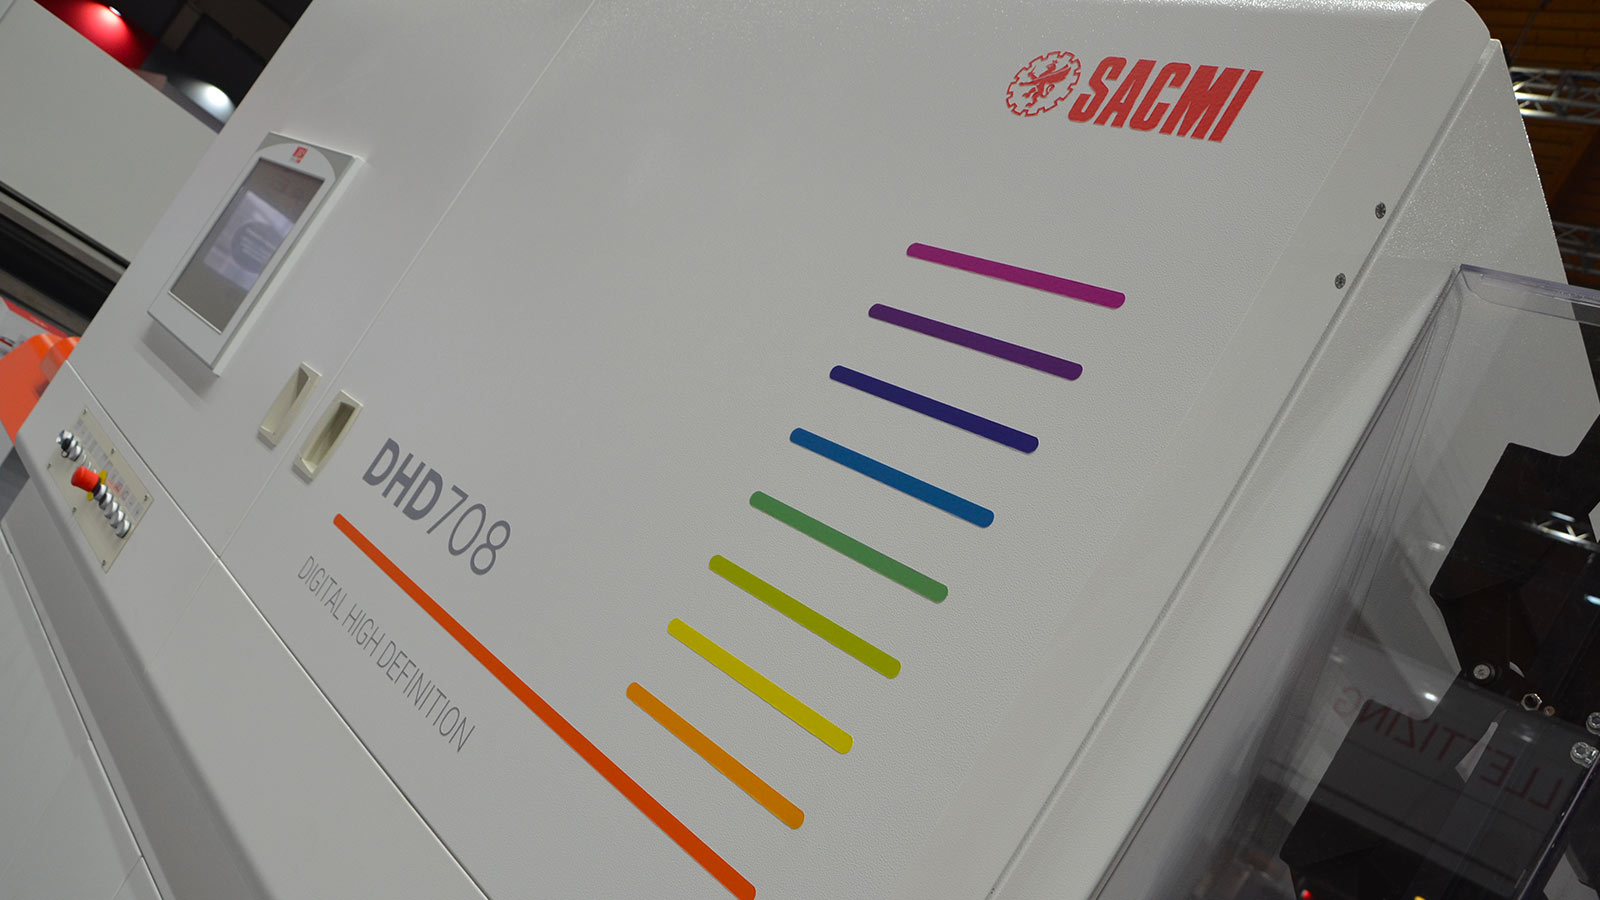 sacmi-macchine-digitali-2018-dhd-708-dettaglio